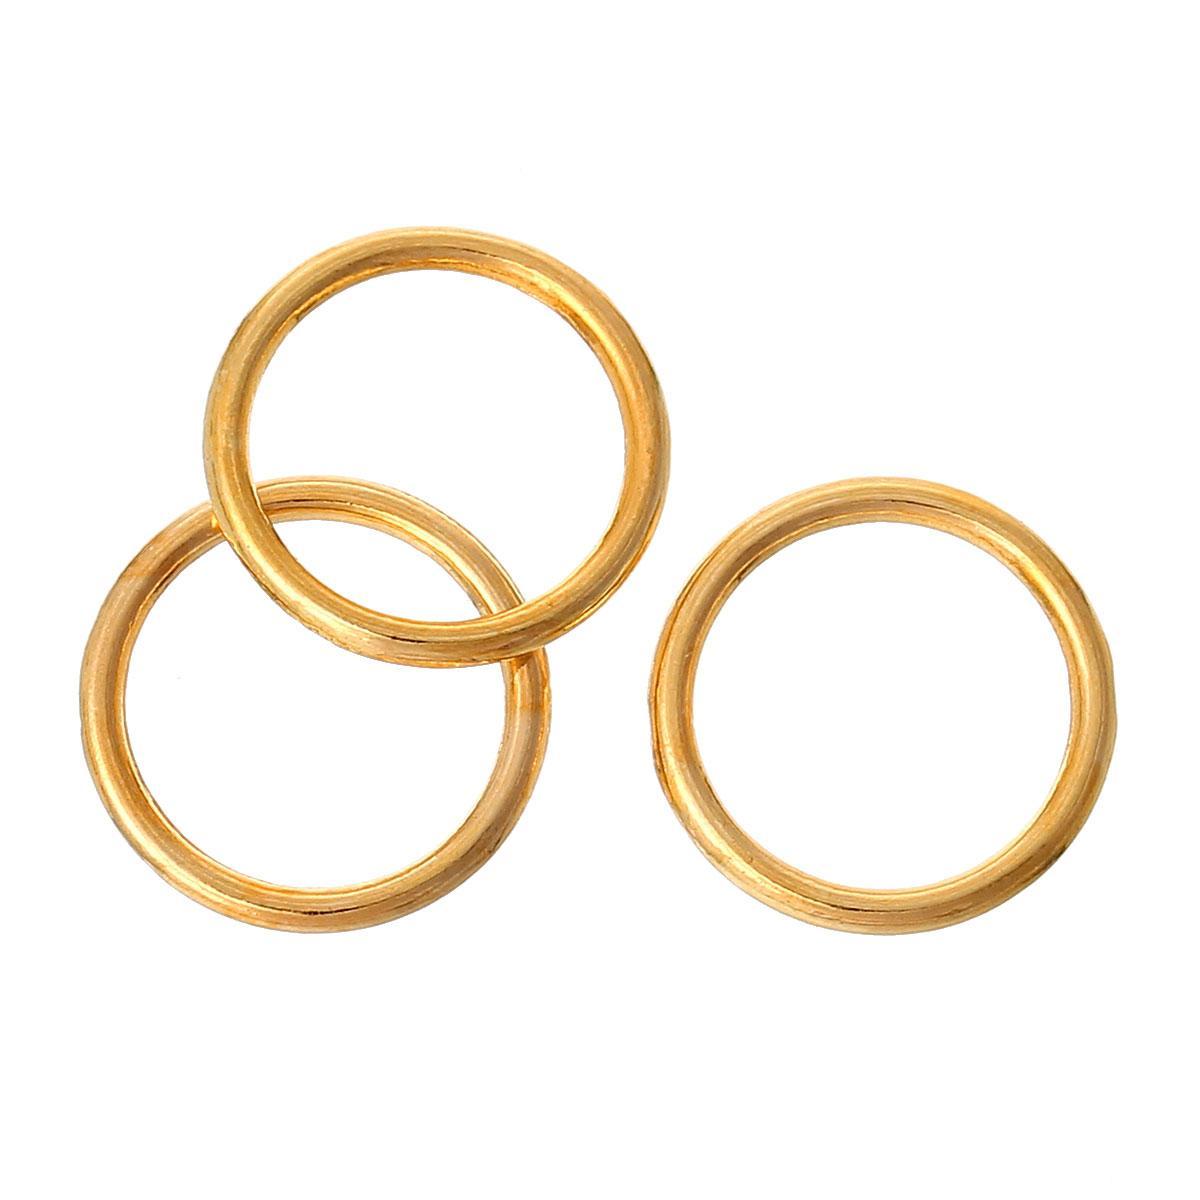 Кольцо закрытое круглое 15мм золото для рукоделия